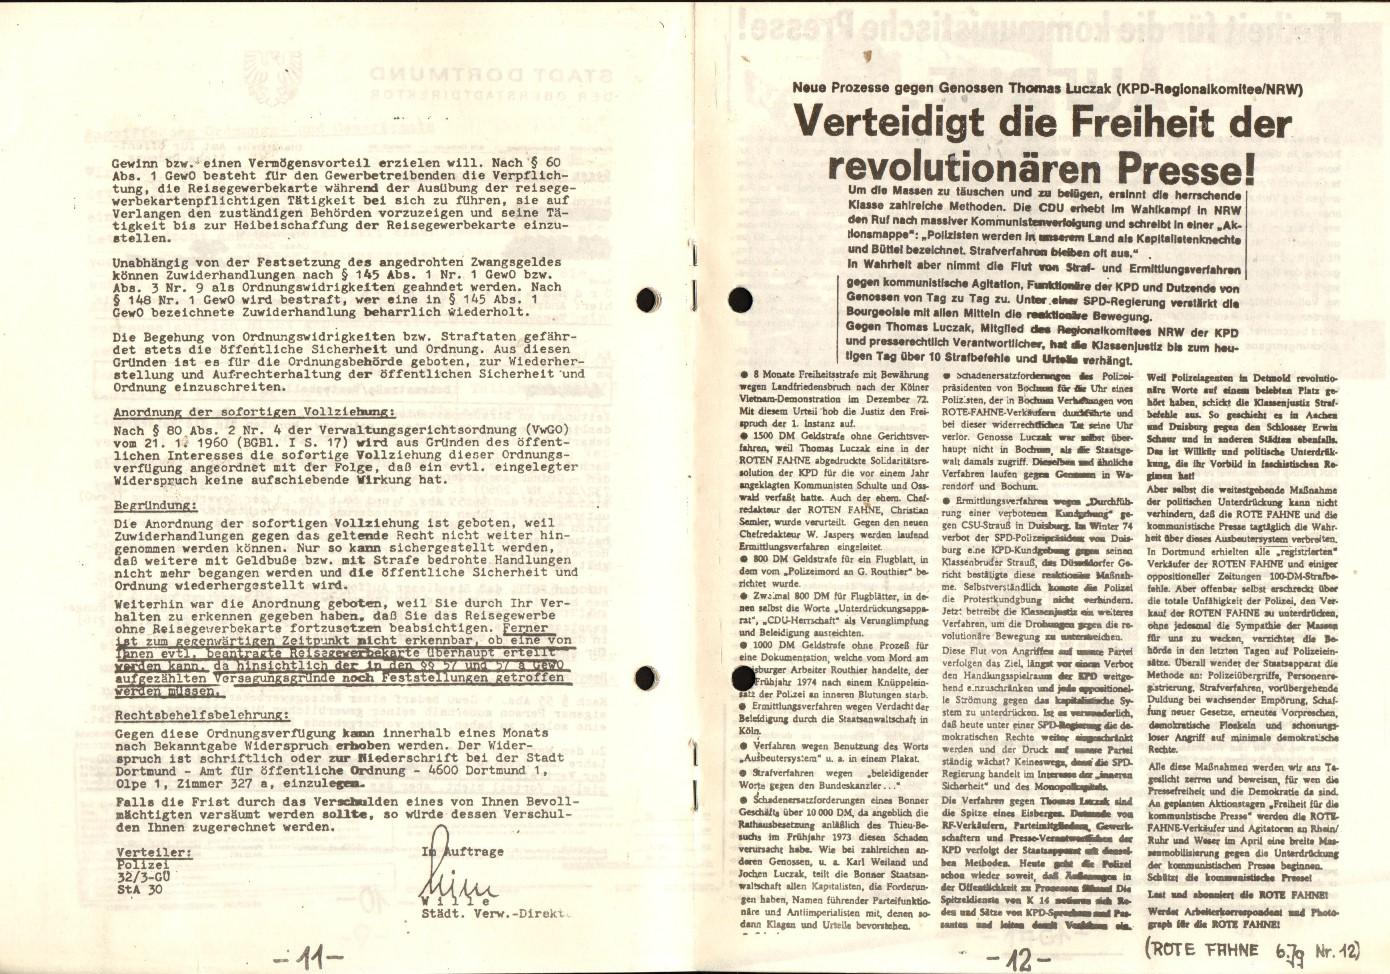 Dortmund_RH_1975_Freispruch_fuer_Luczak_und_Semler_07